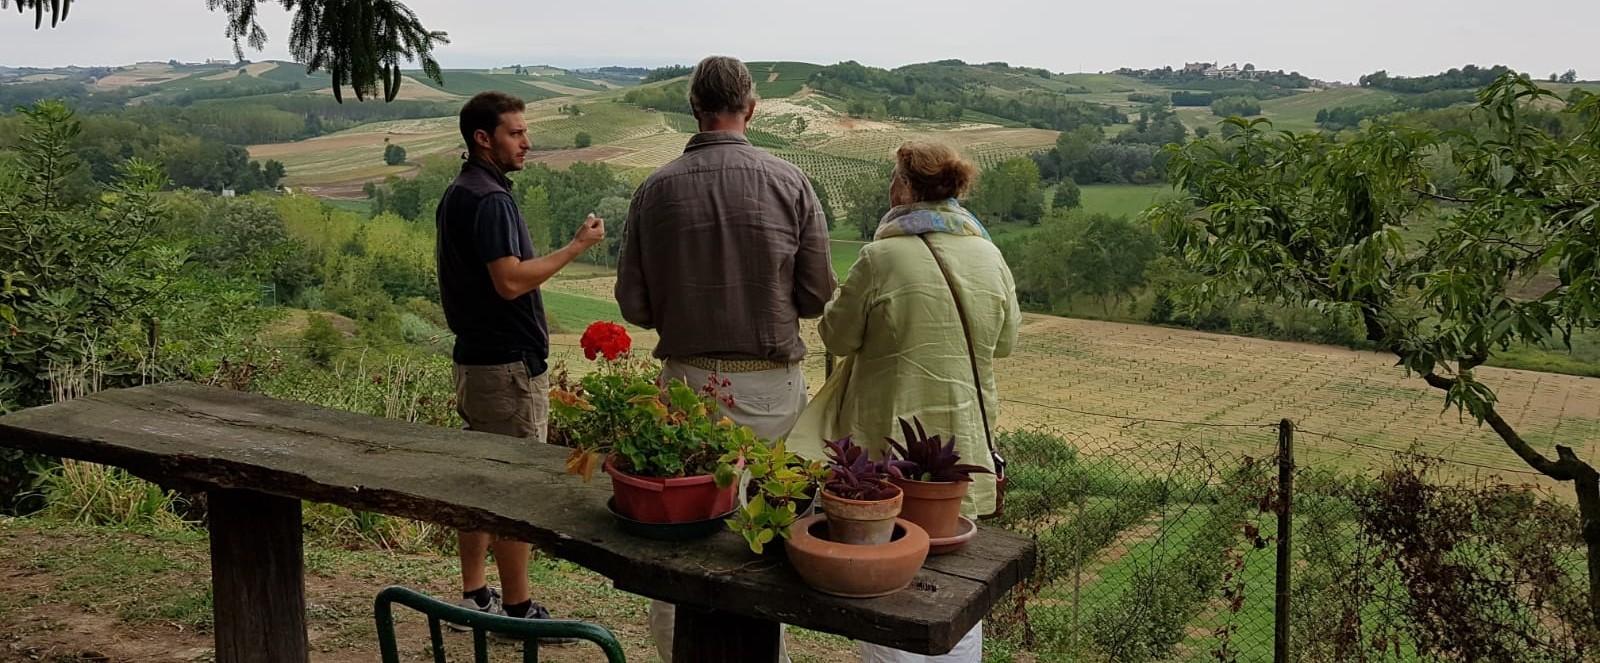 Bosco wijnvelden